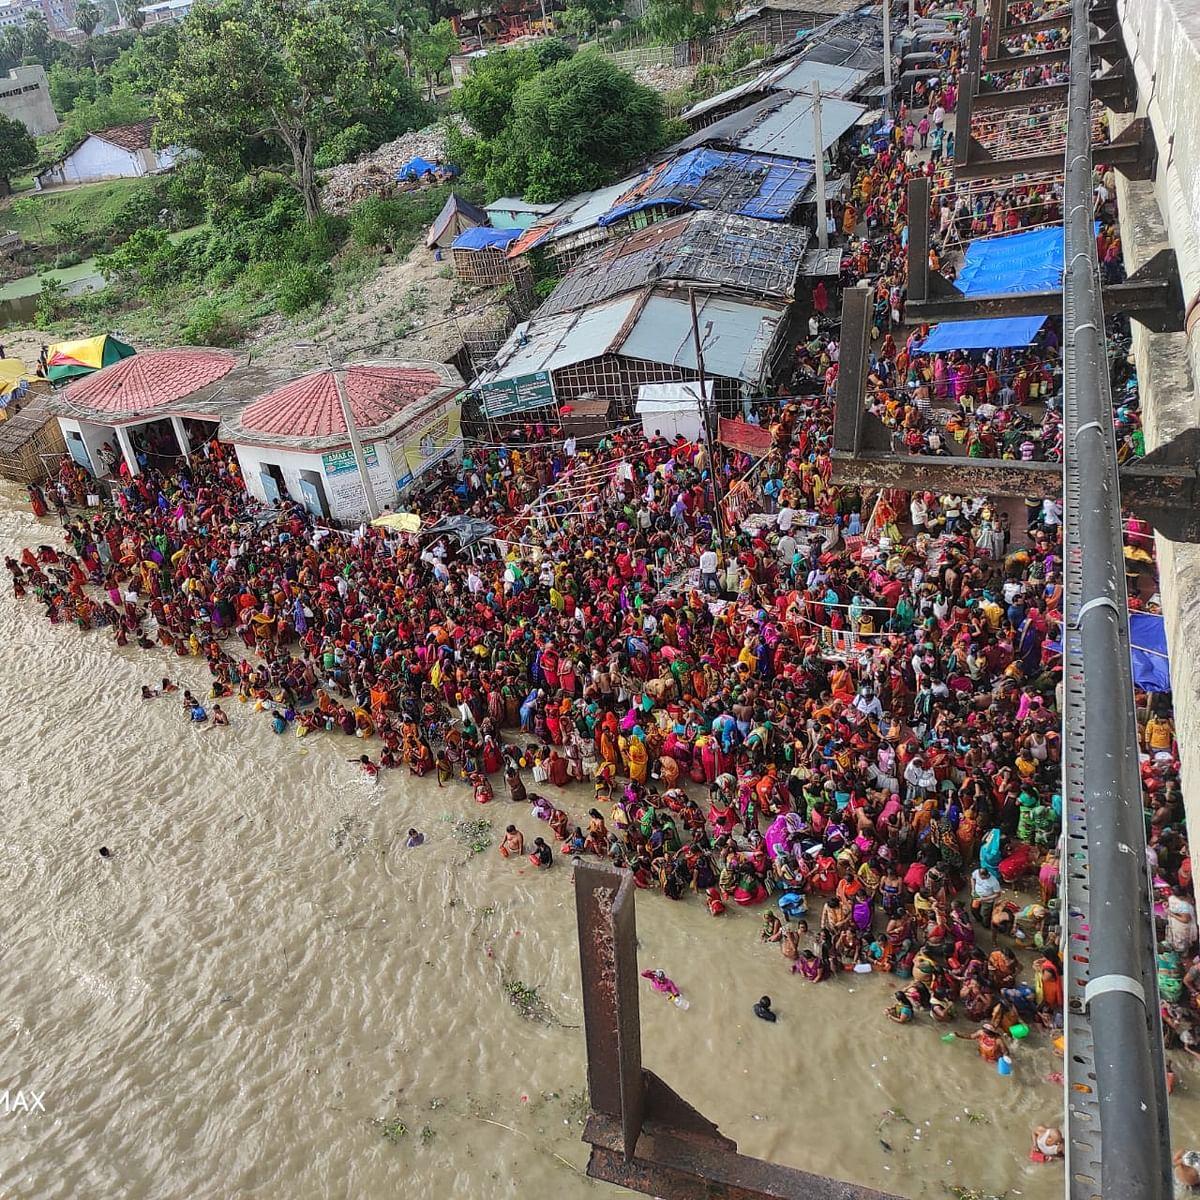 hartalika teej 21 August 2020 : तीज व्रत को लेकर महिलाओं में उत्साह, नहाय-खाय के अवसर पर गंगाघाट पर उमड़ी व्रतियों की भीड़